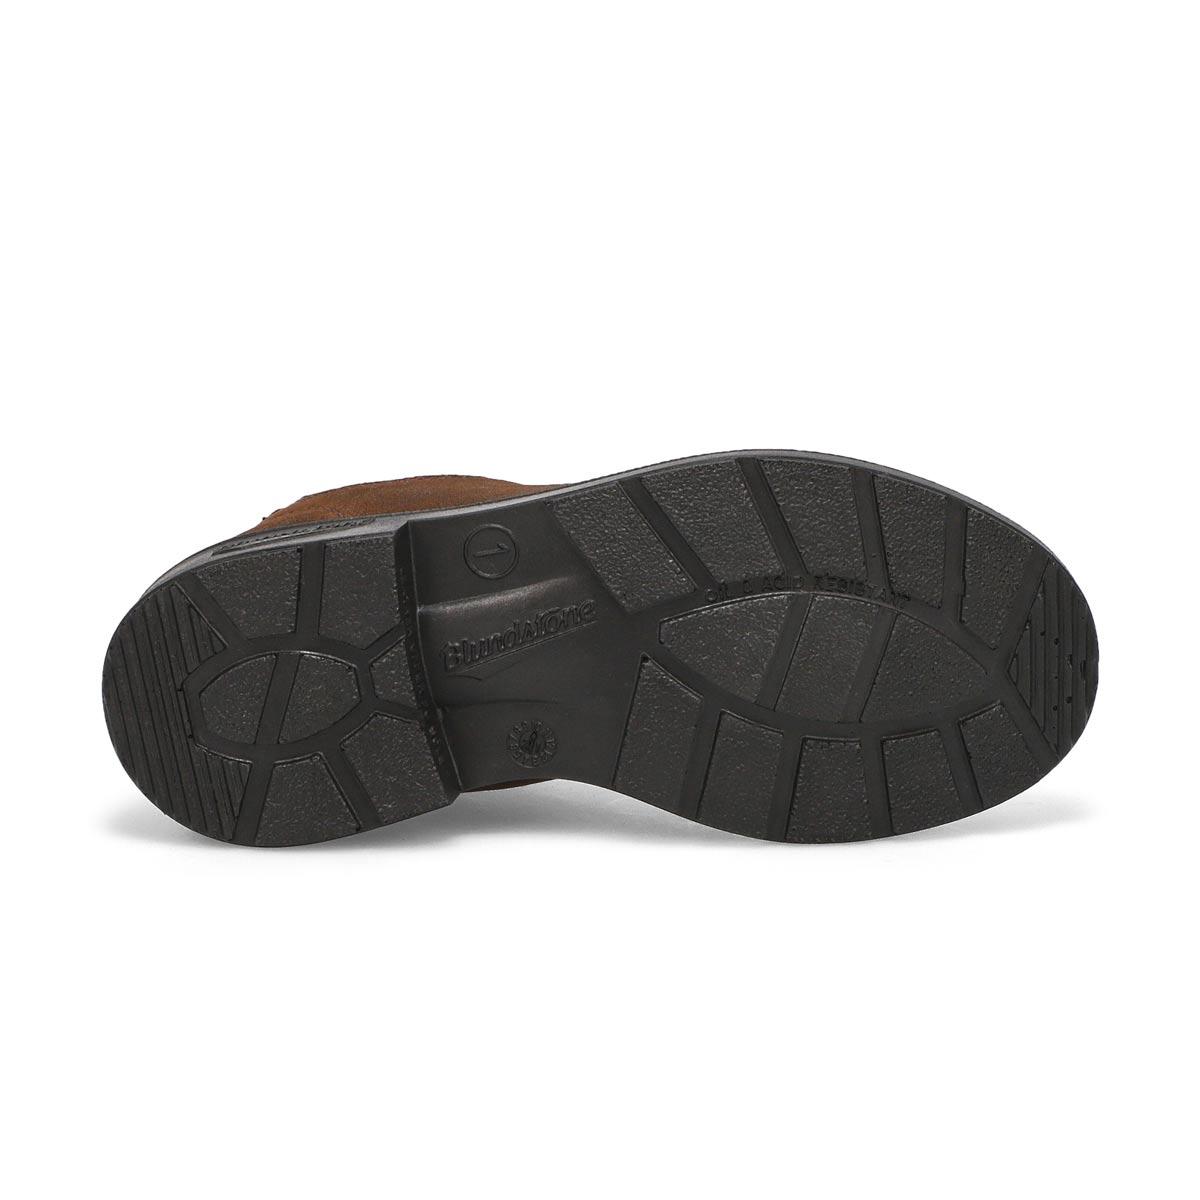 Kids' Blunnies Boot - Antique Brown